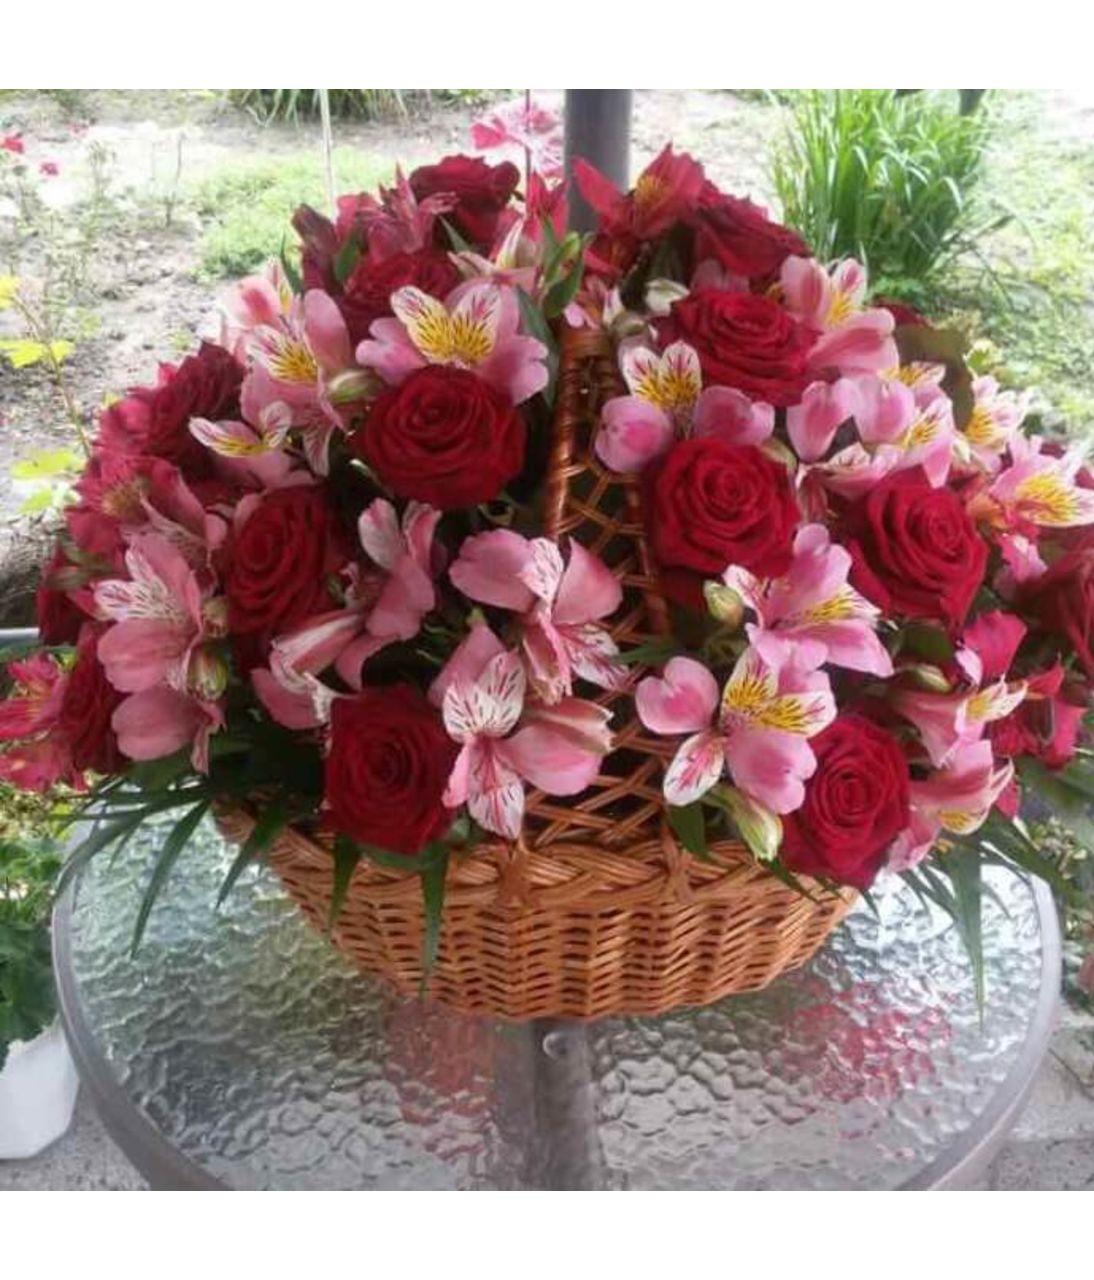 """Кошик з квітами """"Душевний подарунок"""". Superflowers.com.ua"""